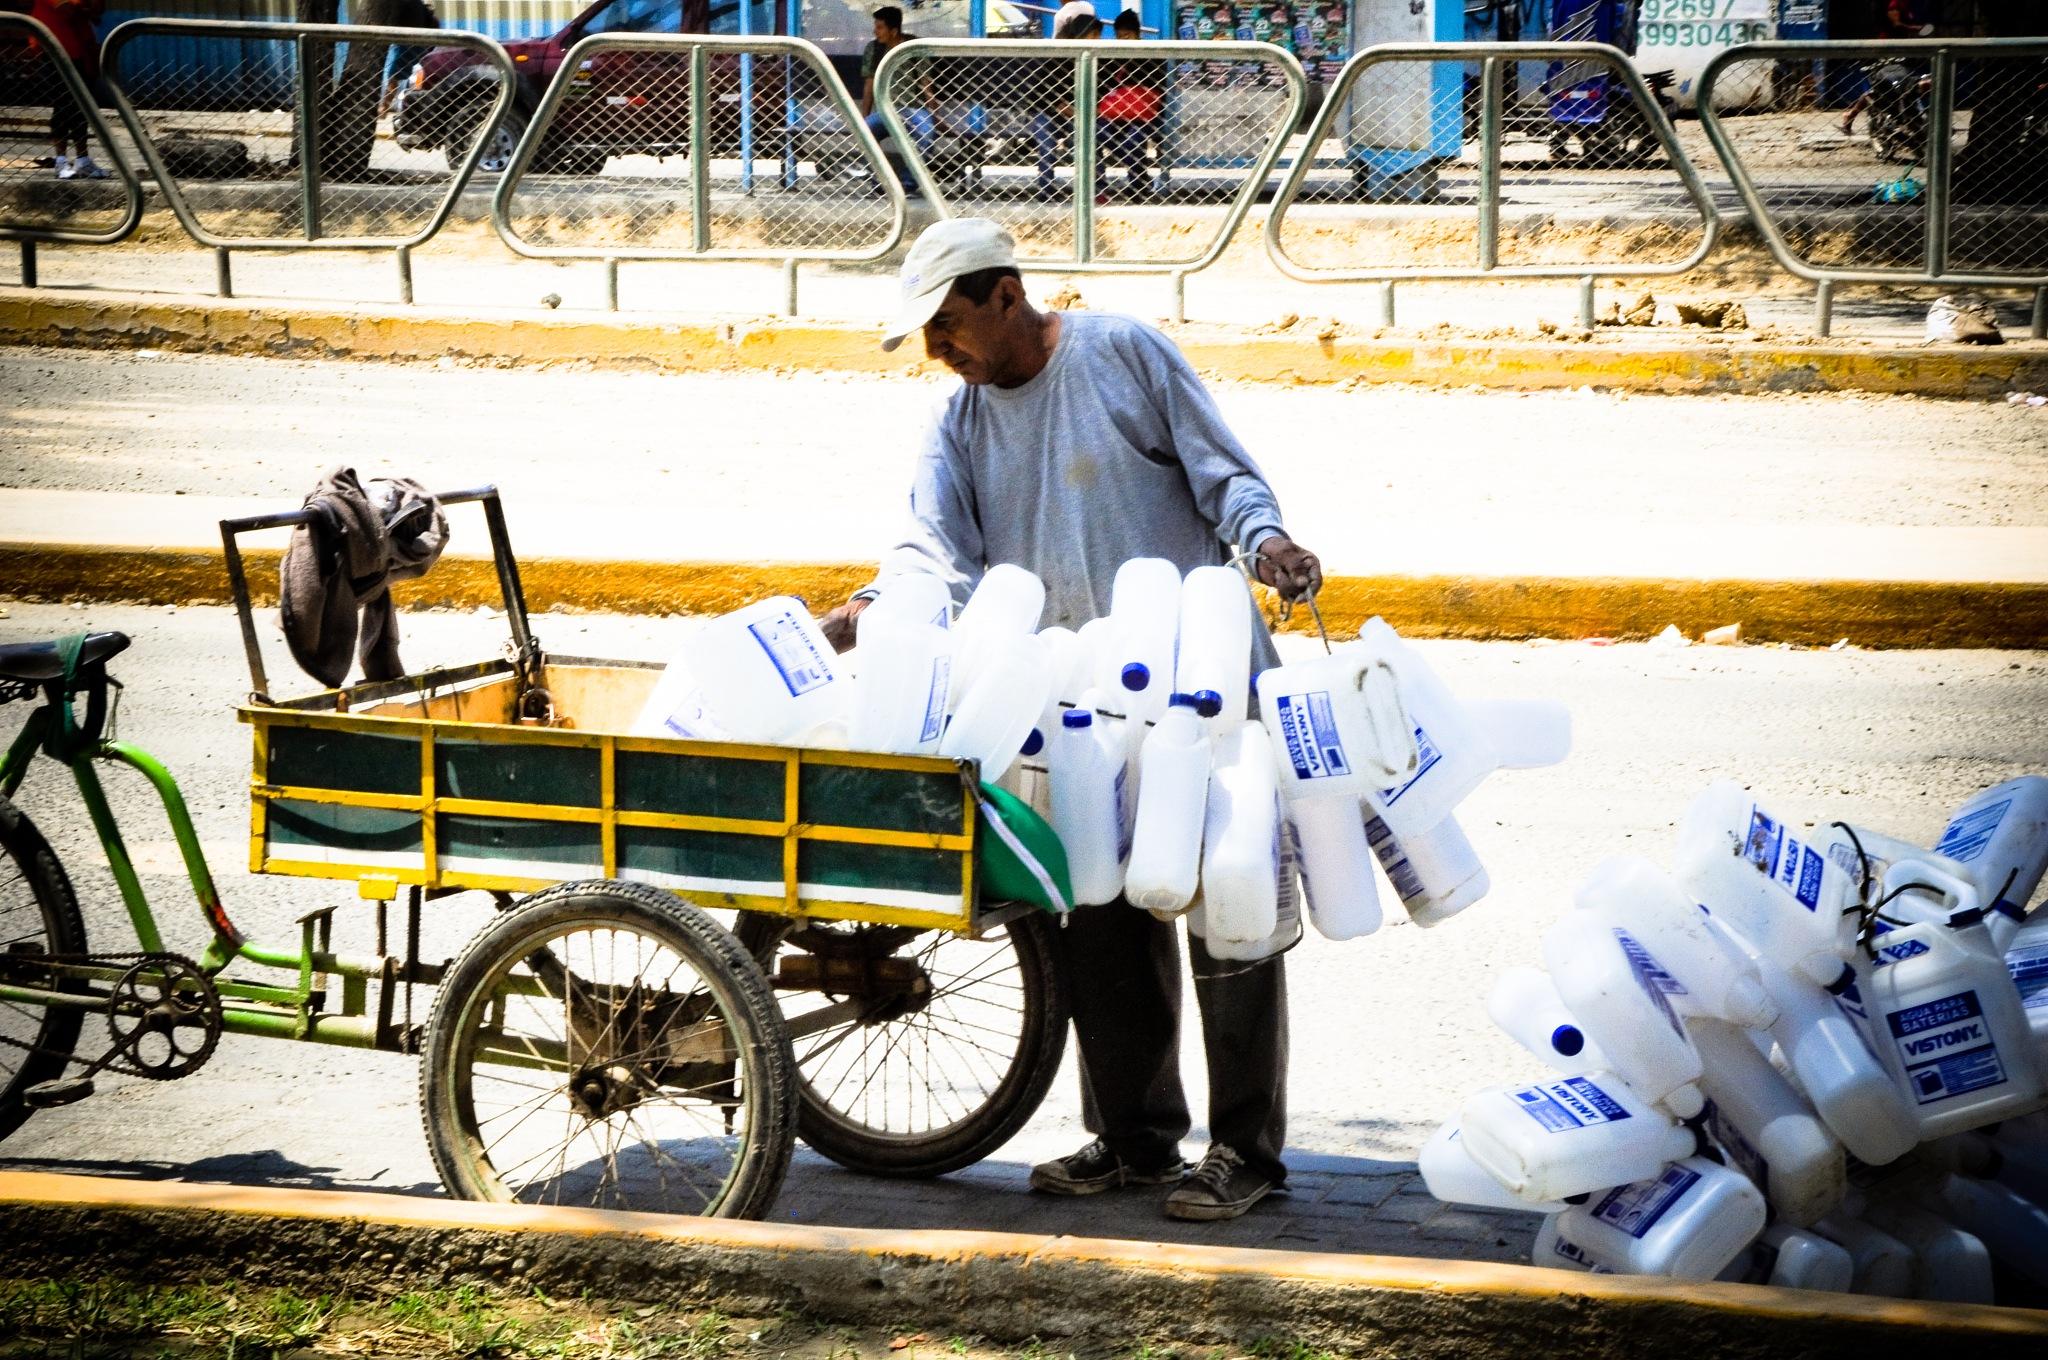 Selling Distilled Water (Peru) by Jiri Bielicky